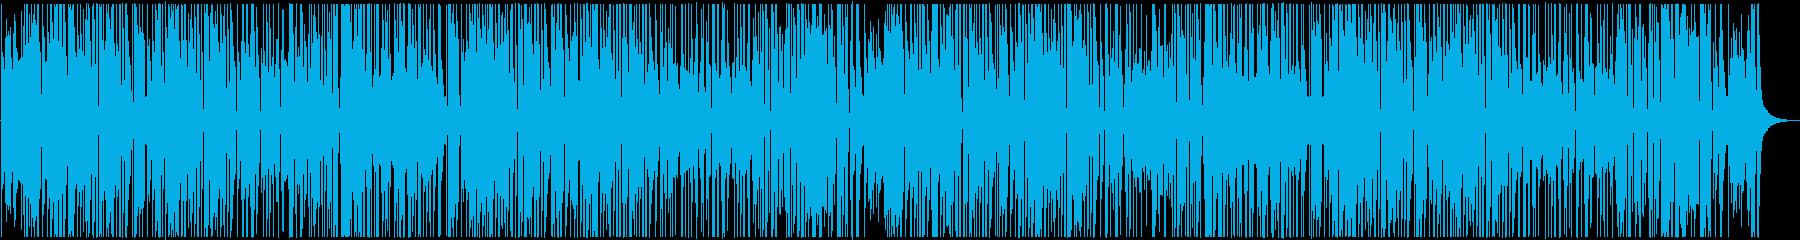 ラテン風味のレゲエヒップホップの再生済みの波形